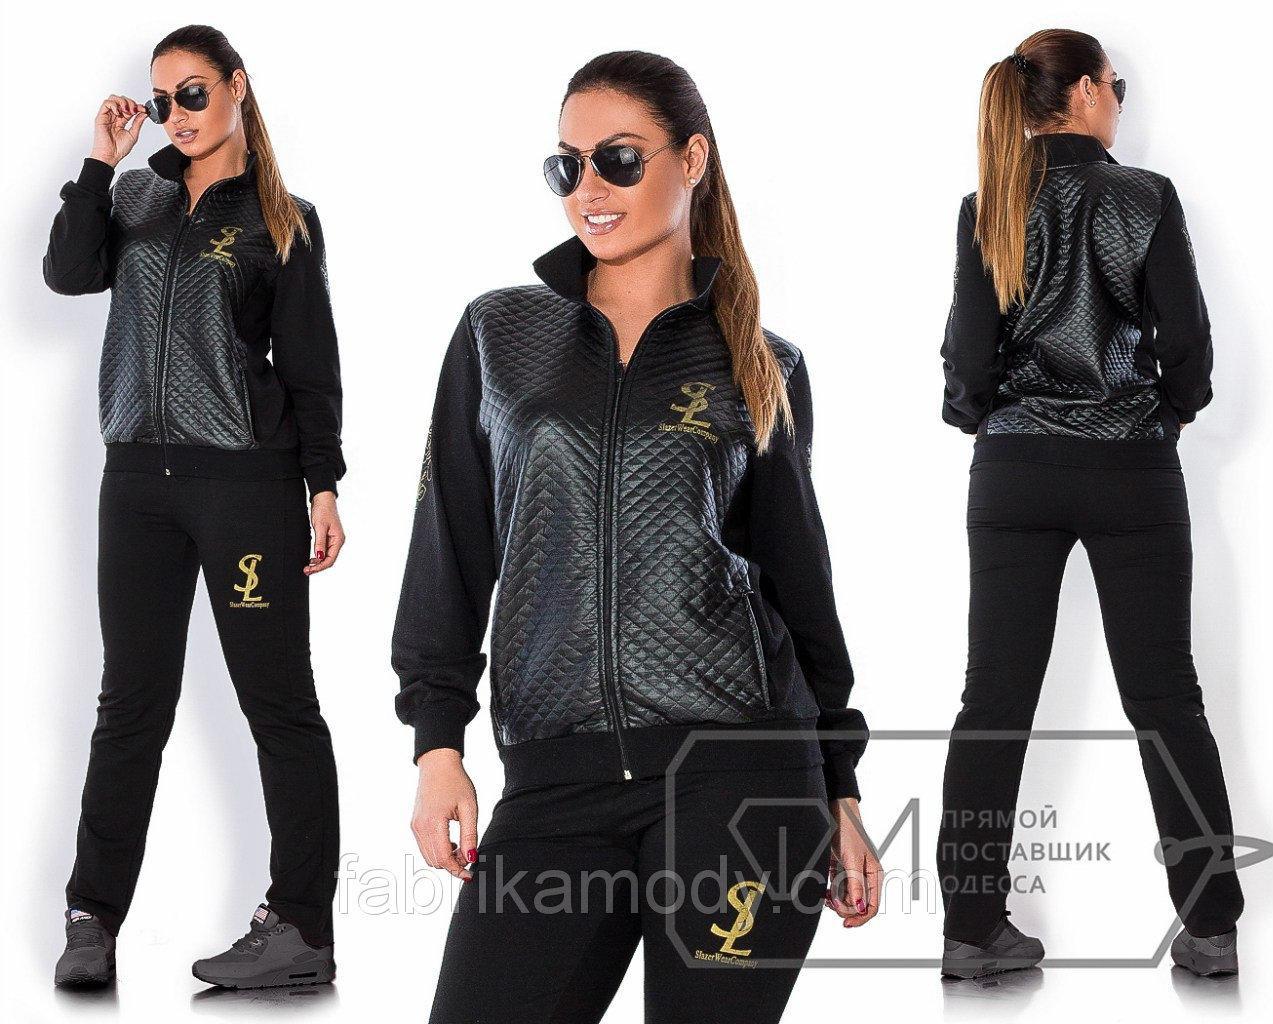 Спорткостюм SL из двунитки и трикотажа-стёжки - олимпийка с воротником-стойкой и приталенные штаны X3058